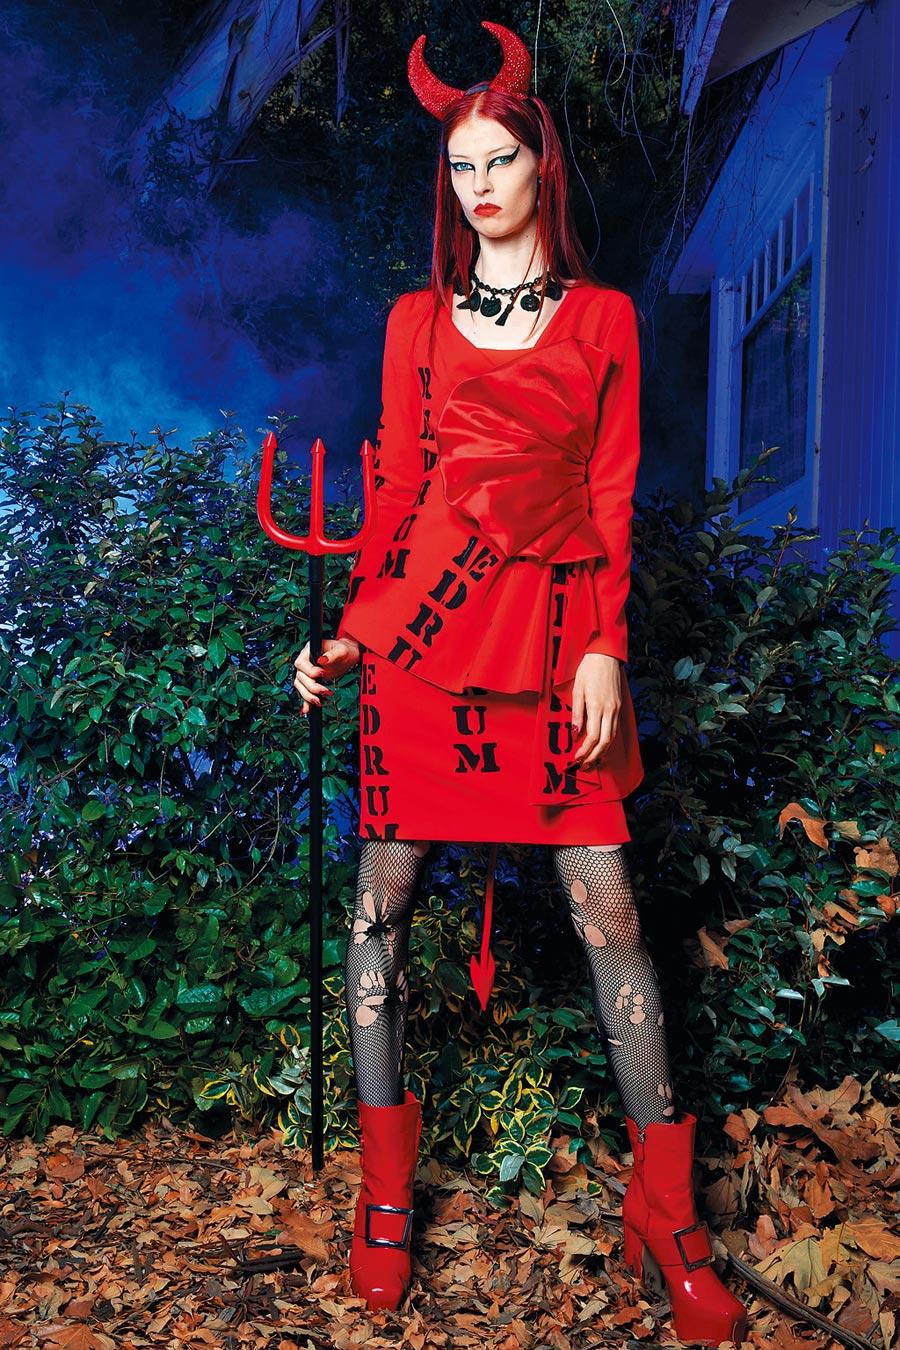 Moschino早春將《鬼店》小男孩台詞「REDRUM」印在鮮紅色洋裝上。(Moschino提供)